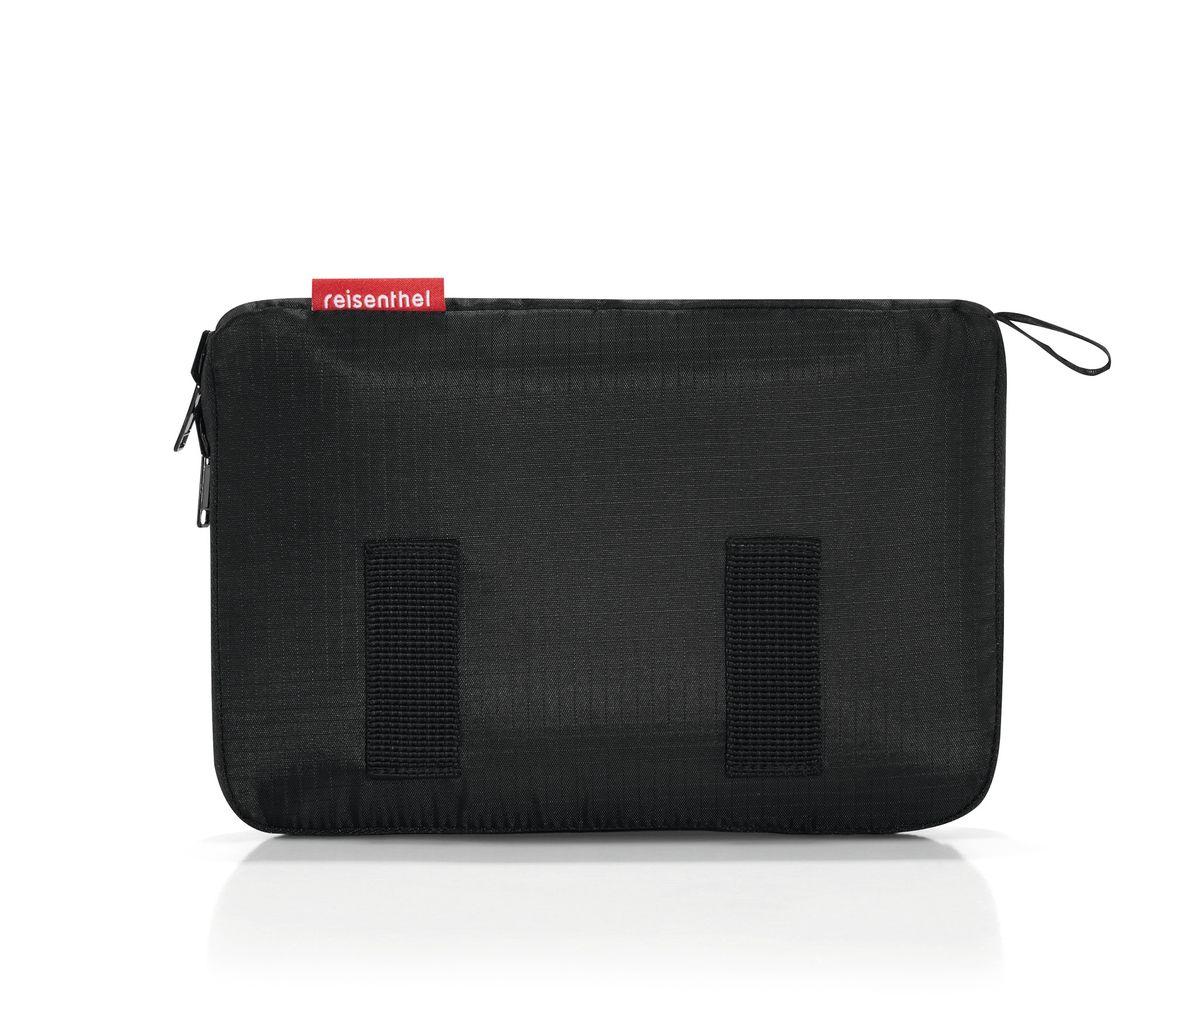 Рюкзак Reisenthel, складной, цвет: черный. AP7003 ( AP7003 )